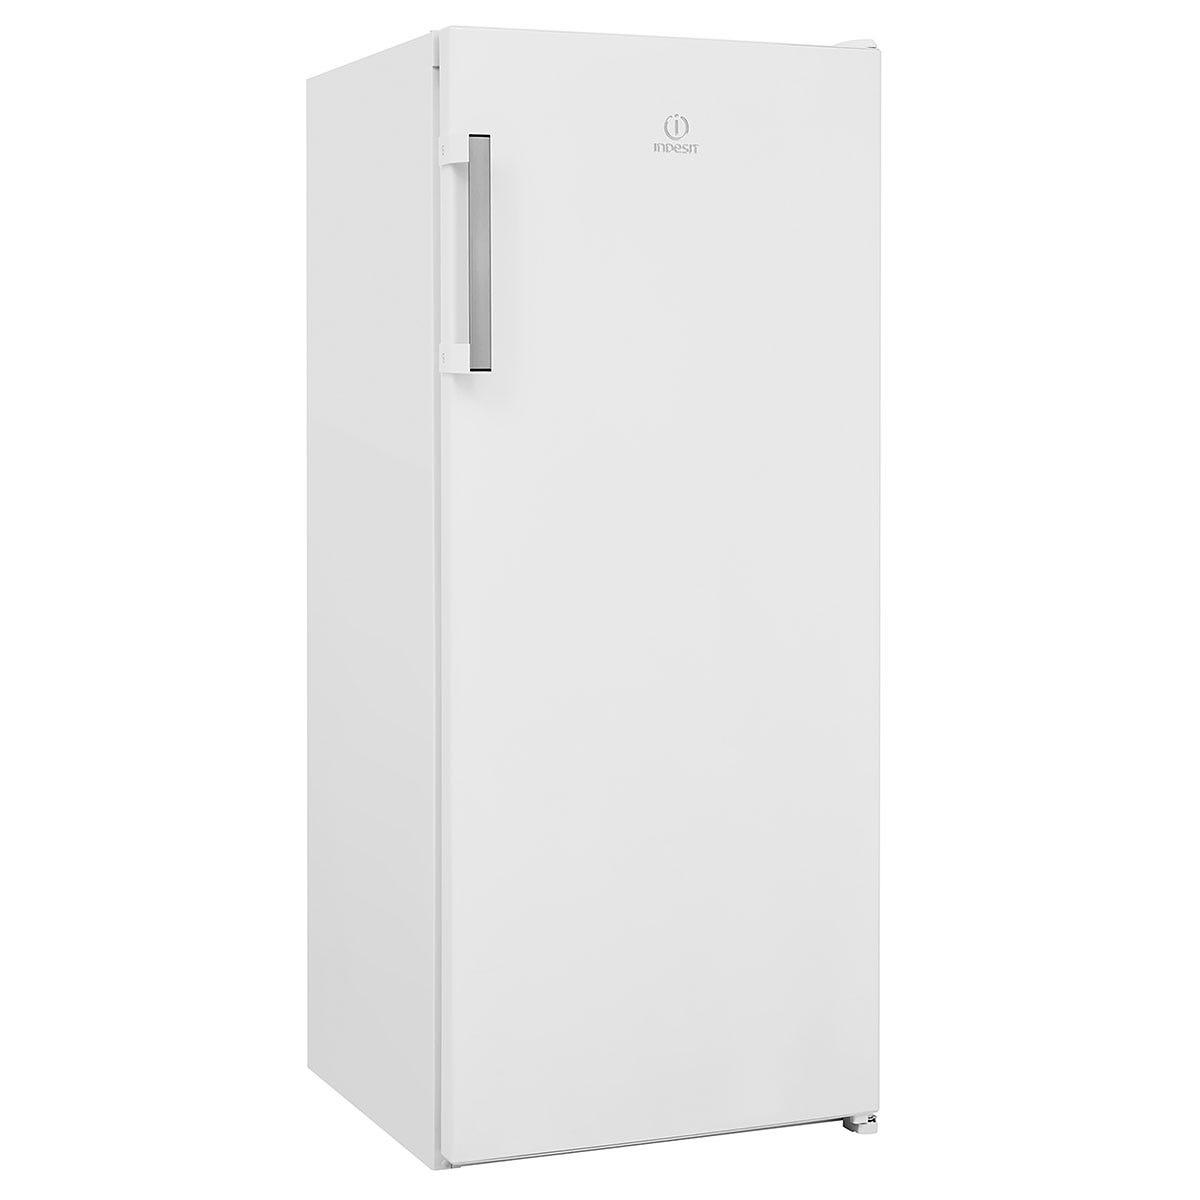 indesit si41wuk.1 freestanding larder fridge - white